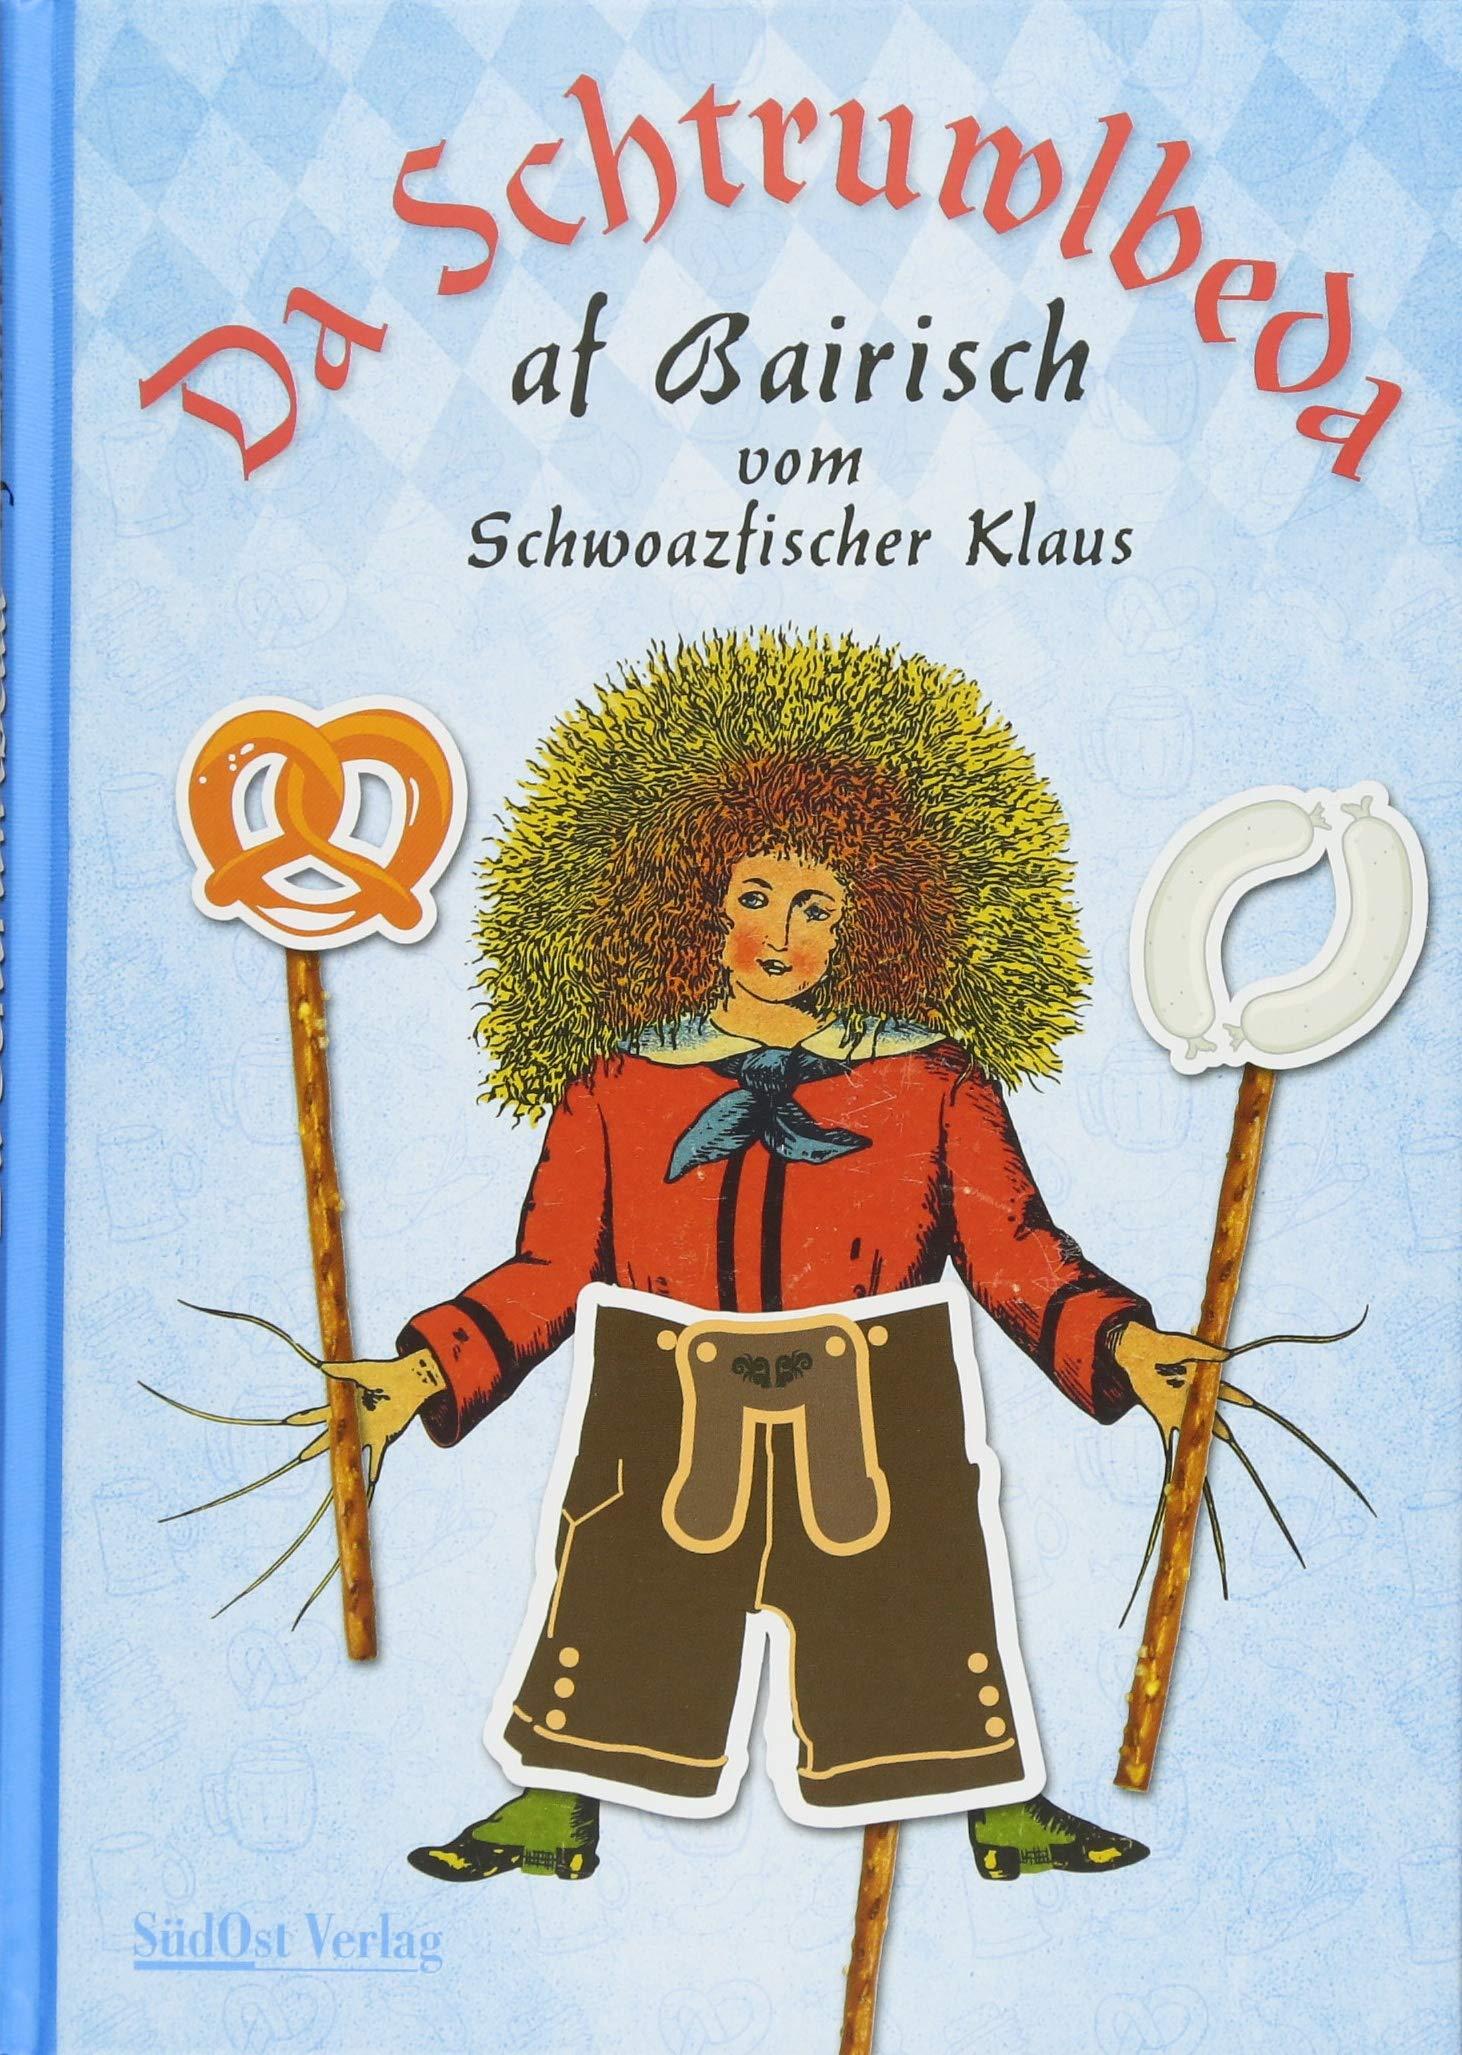 da-schtruwlbeda-af-bairisch